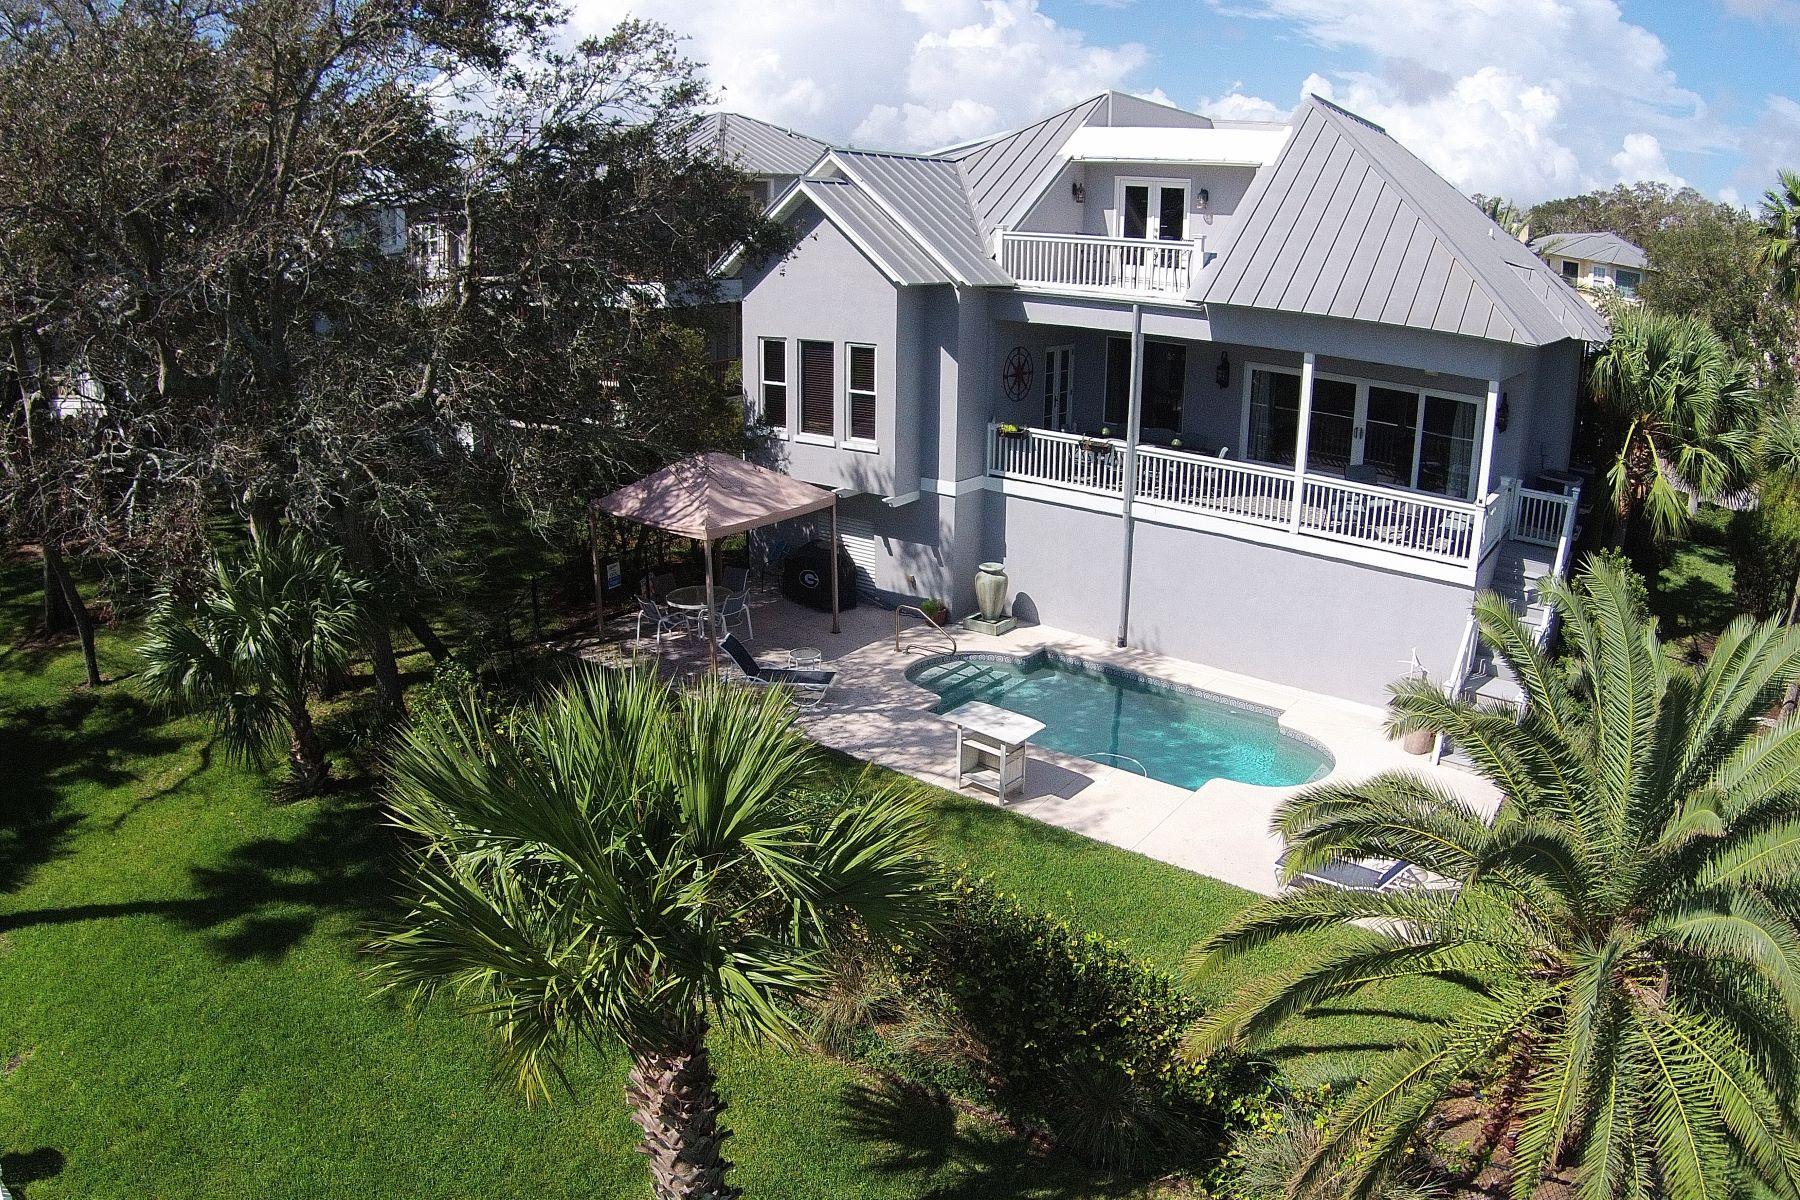 Einfamilienhaus für Verkauf beim 126 Compass Point Drive St. Simons Island, Georgia, 31522 Vereinigte Staaten